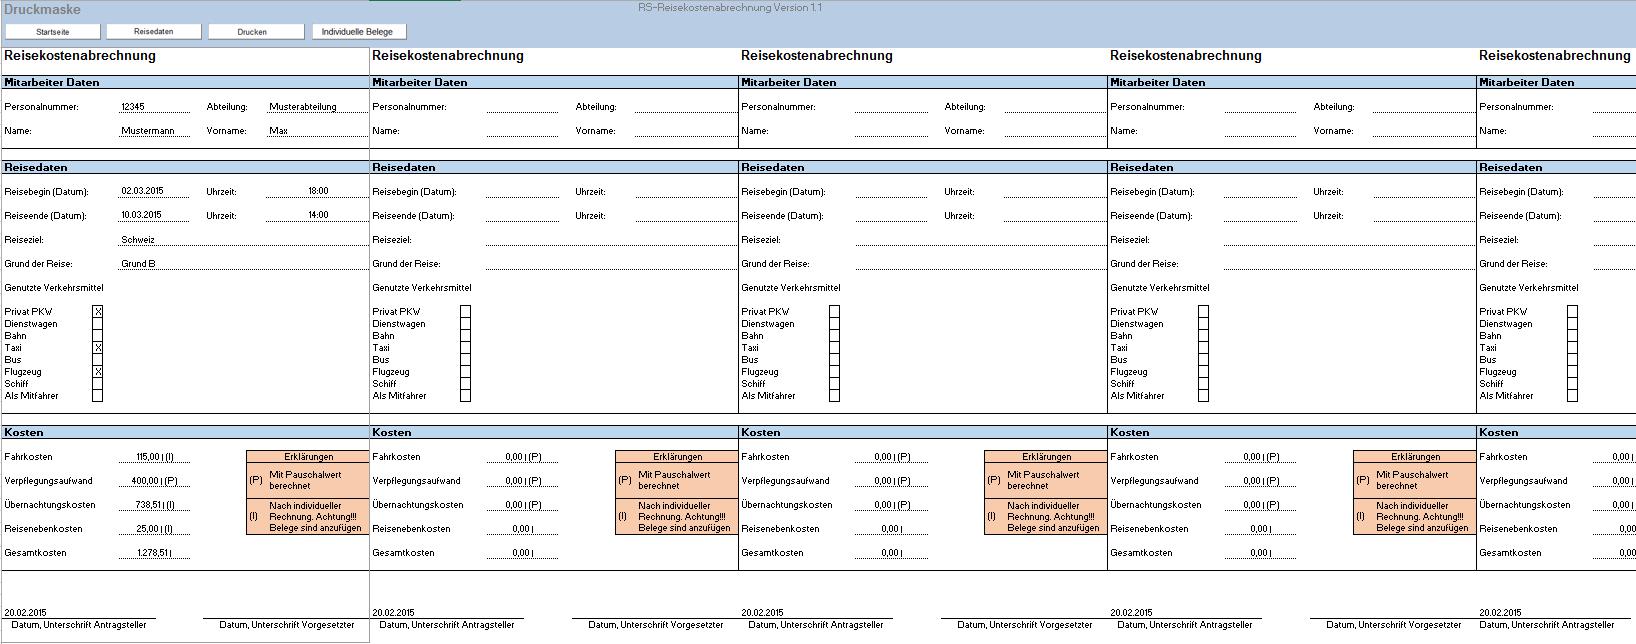 Excel Vorlage Reisekostenabrechnung